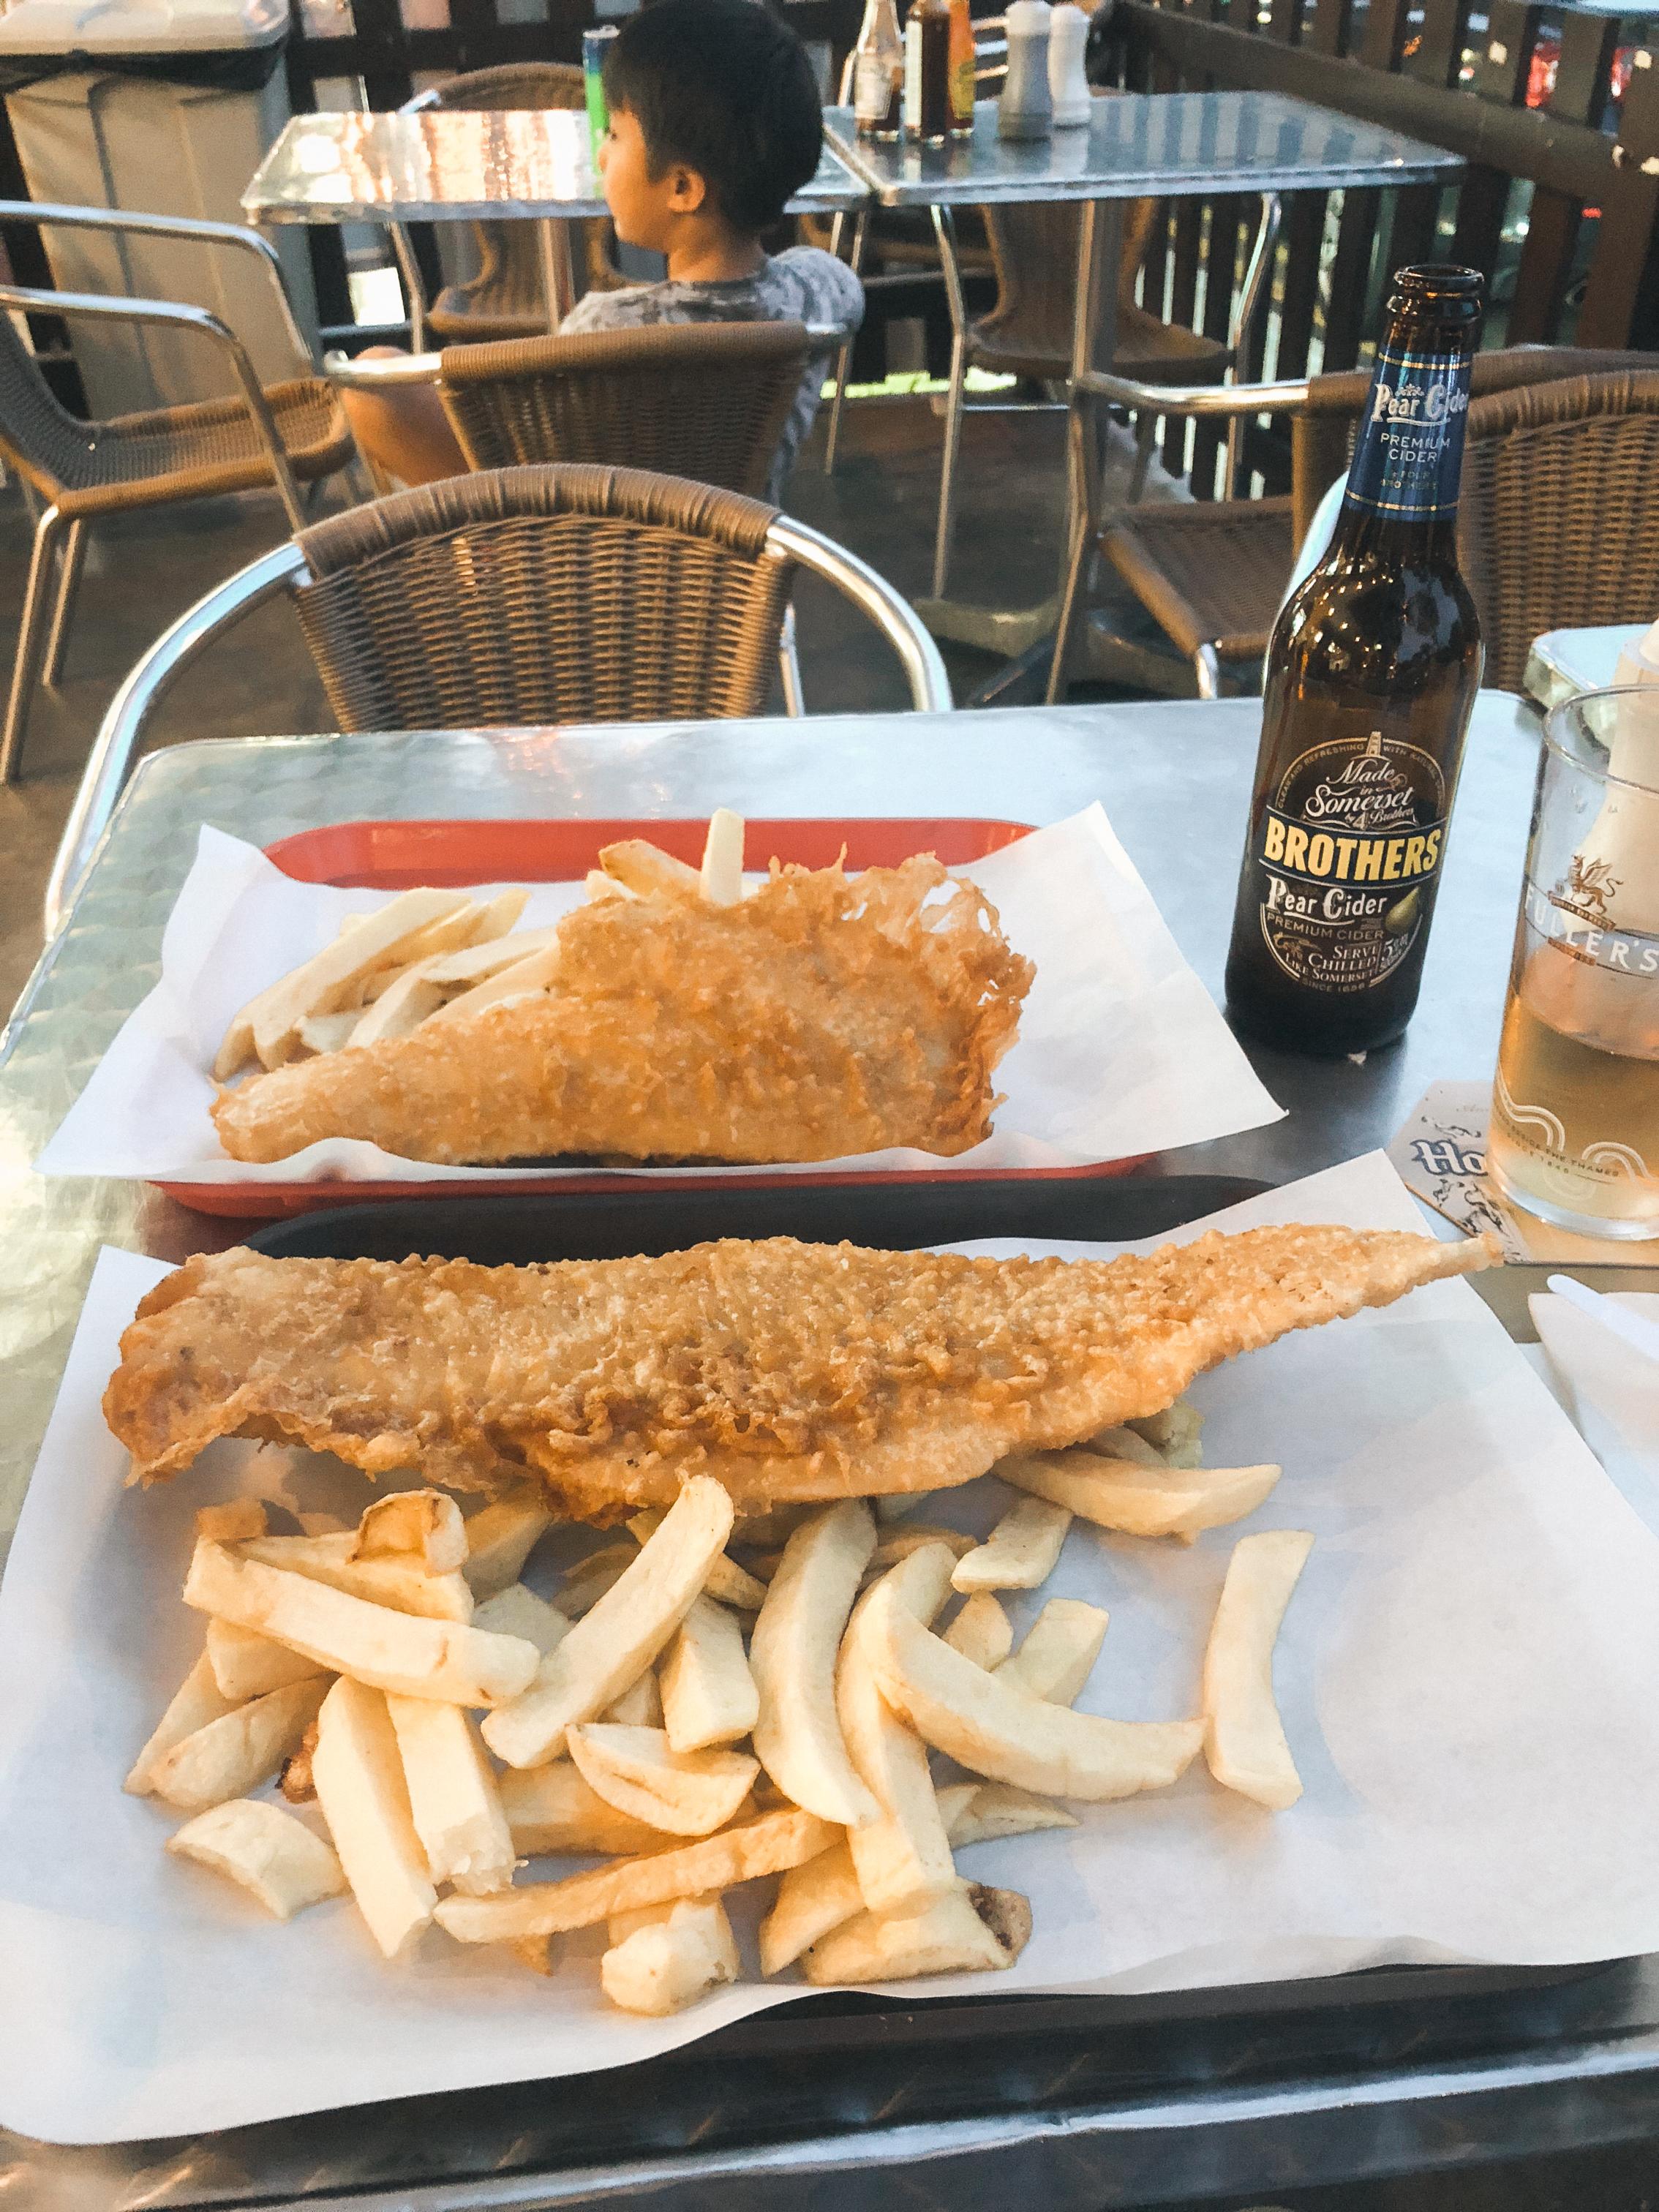 之后散步到Smith's Fish & Chips. 终于试到了。贵了点,但果然名不虚传。 Tried Smith's Fish & Chips for the first time. The best we've had in Singapore.